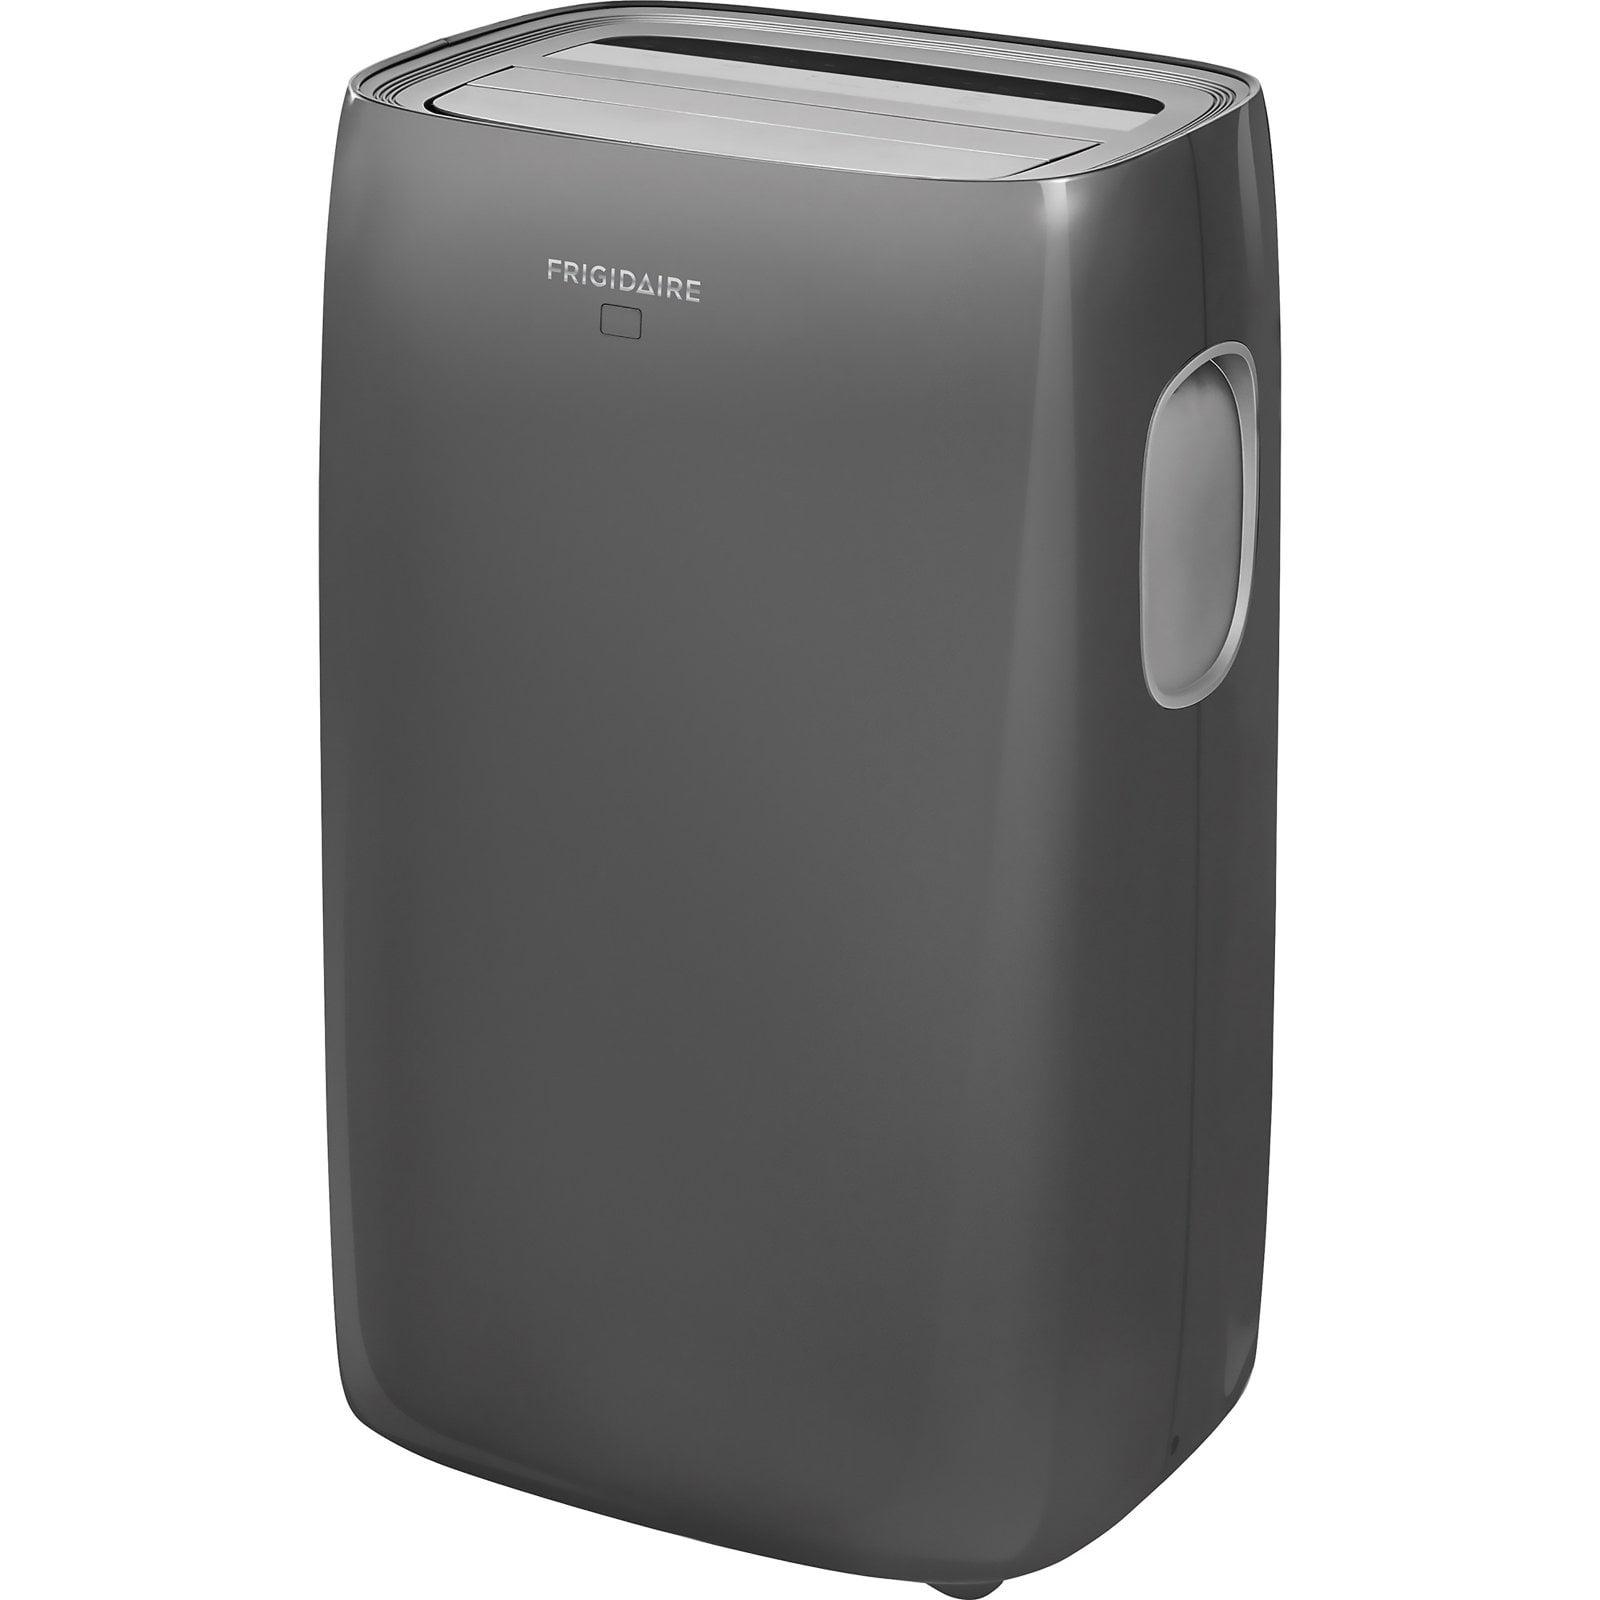 Frigidaire 14 000 BTU Portable Air Conditioner with 4 100 BTU